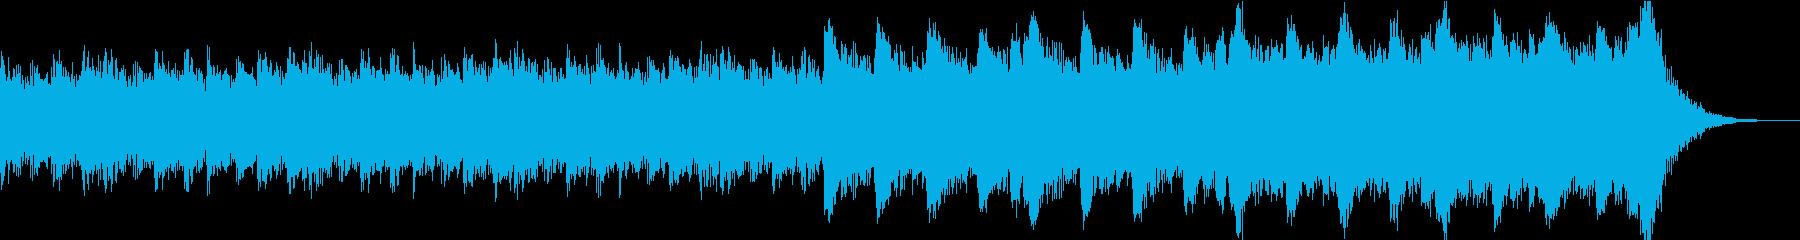 緊迫感のある盛り上がるハリウッド系BGMの再生済みの波形